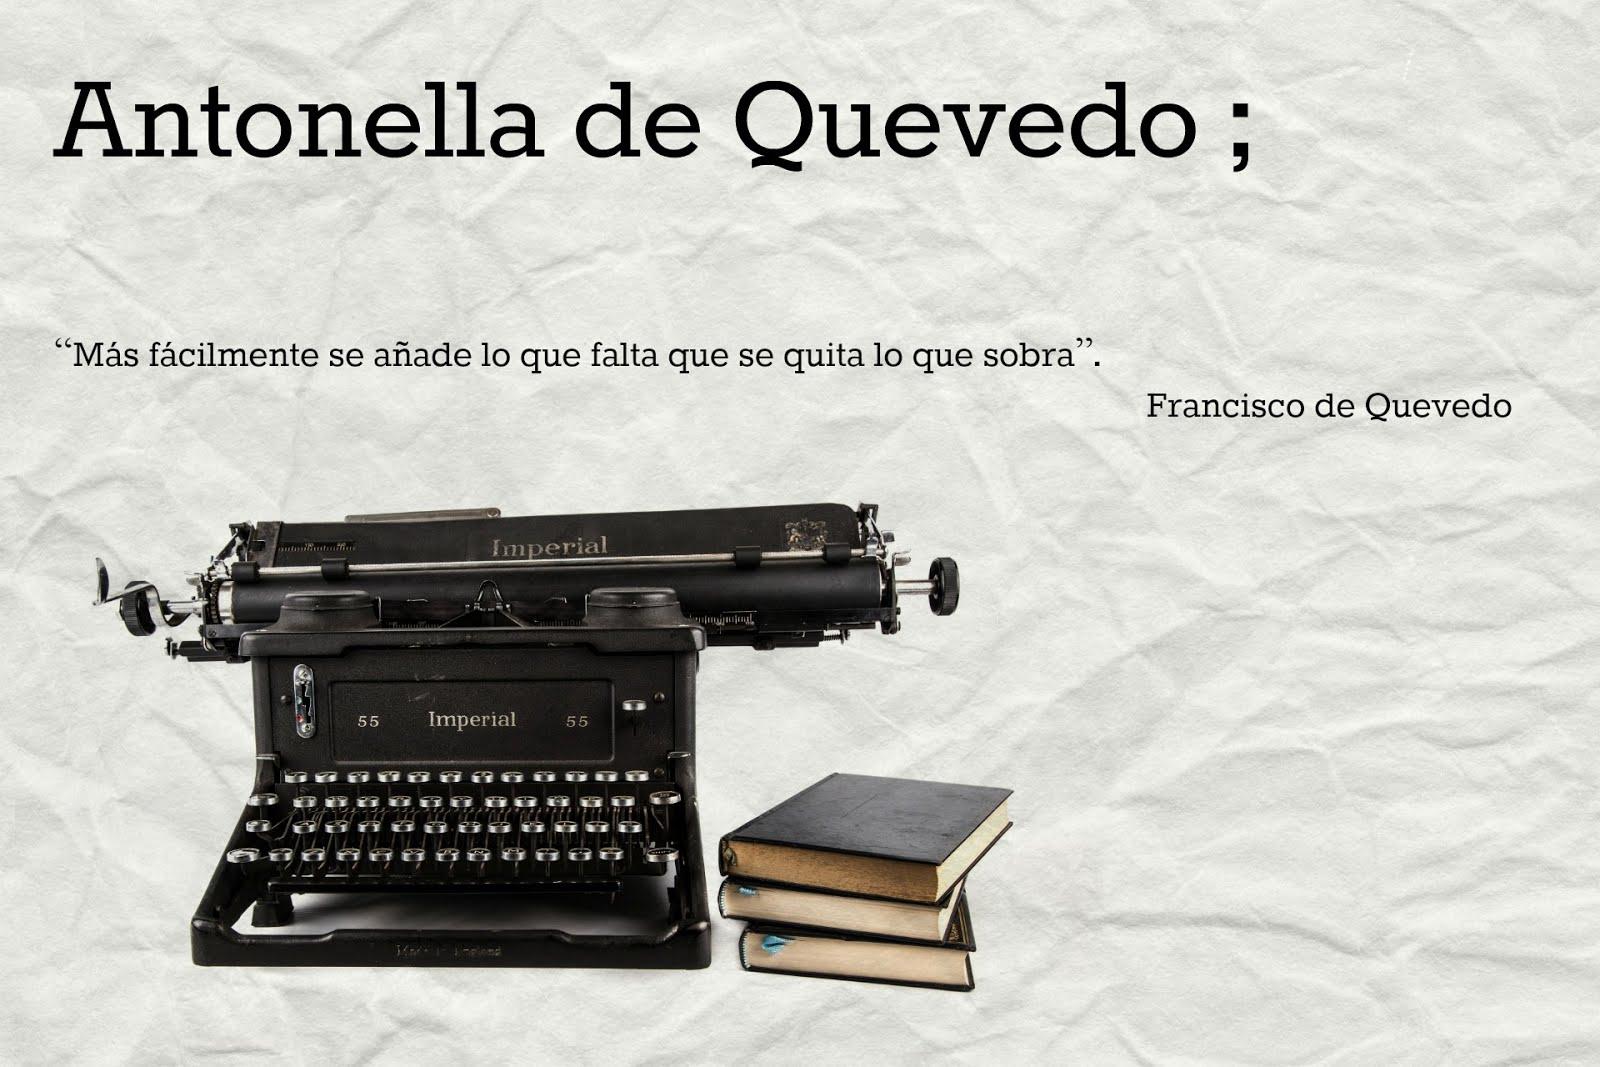 Antonella de Quevedo